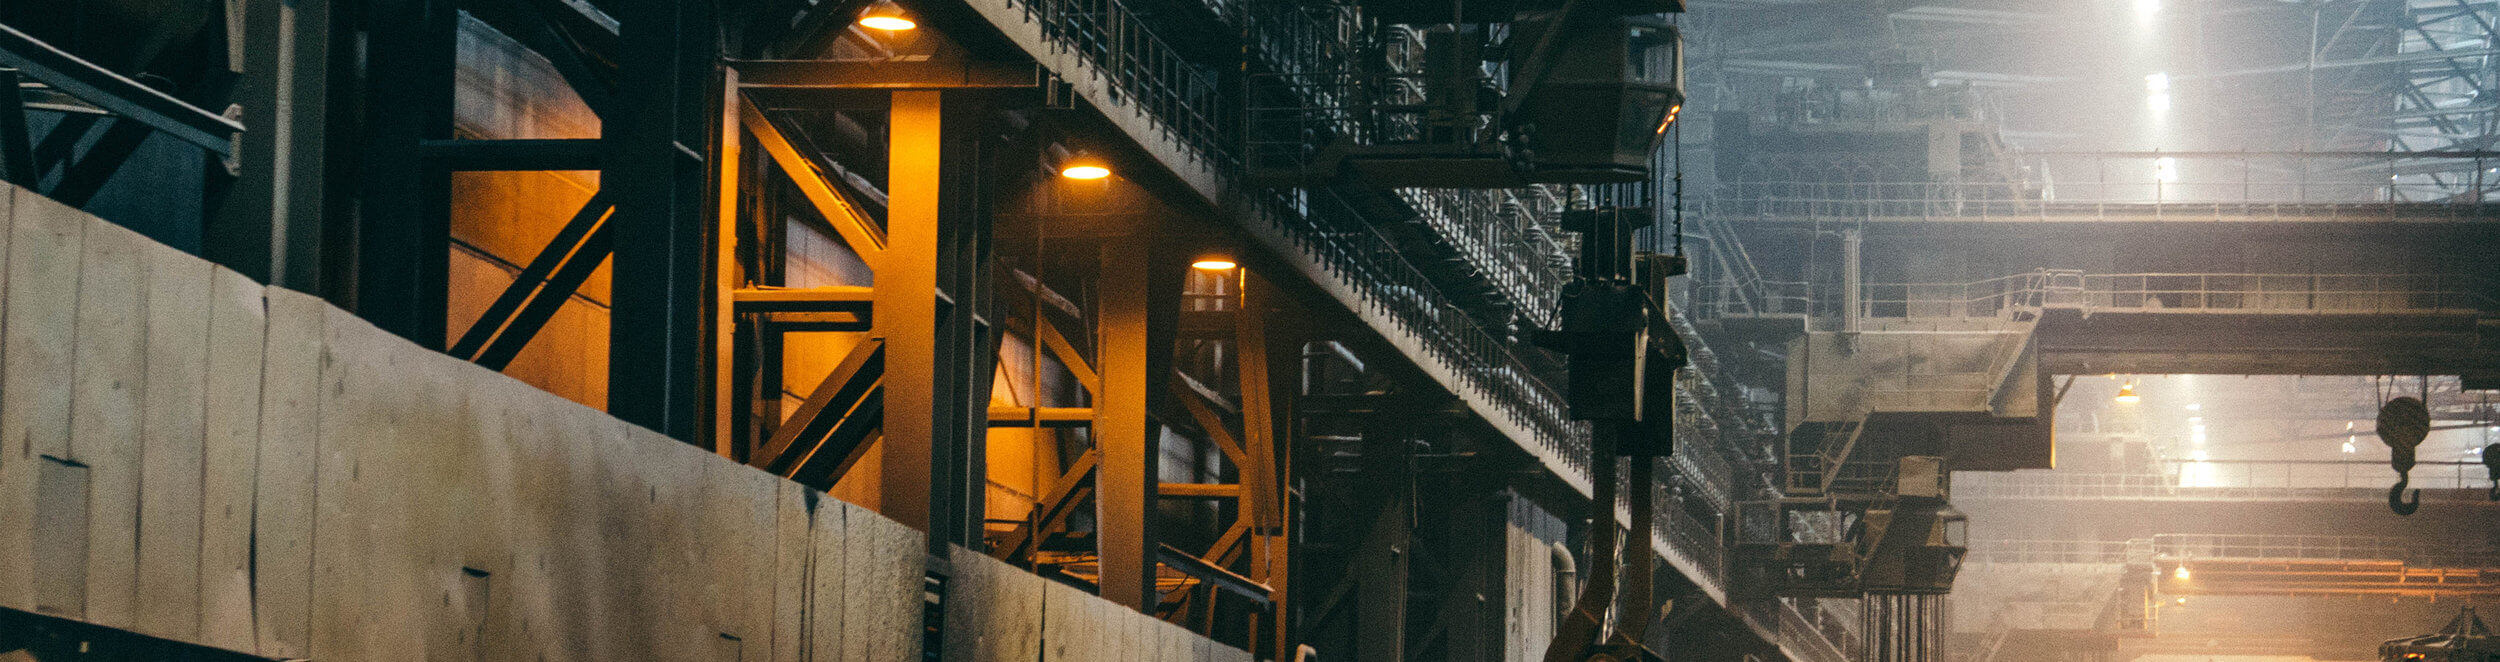 Factory scene showing heavy industry